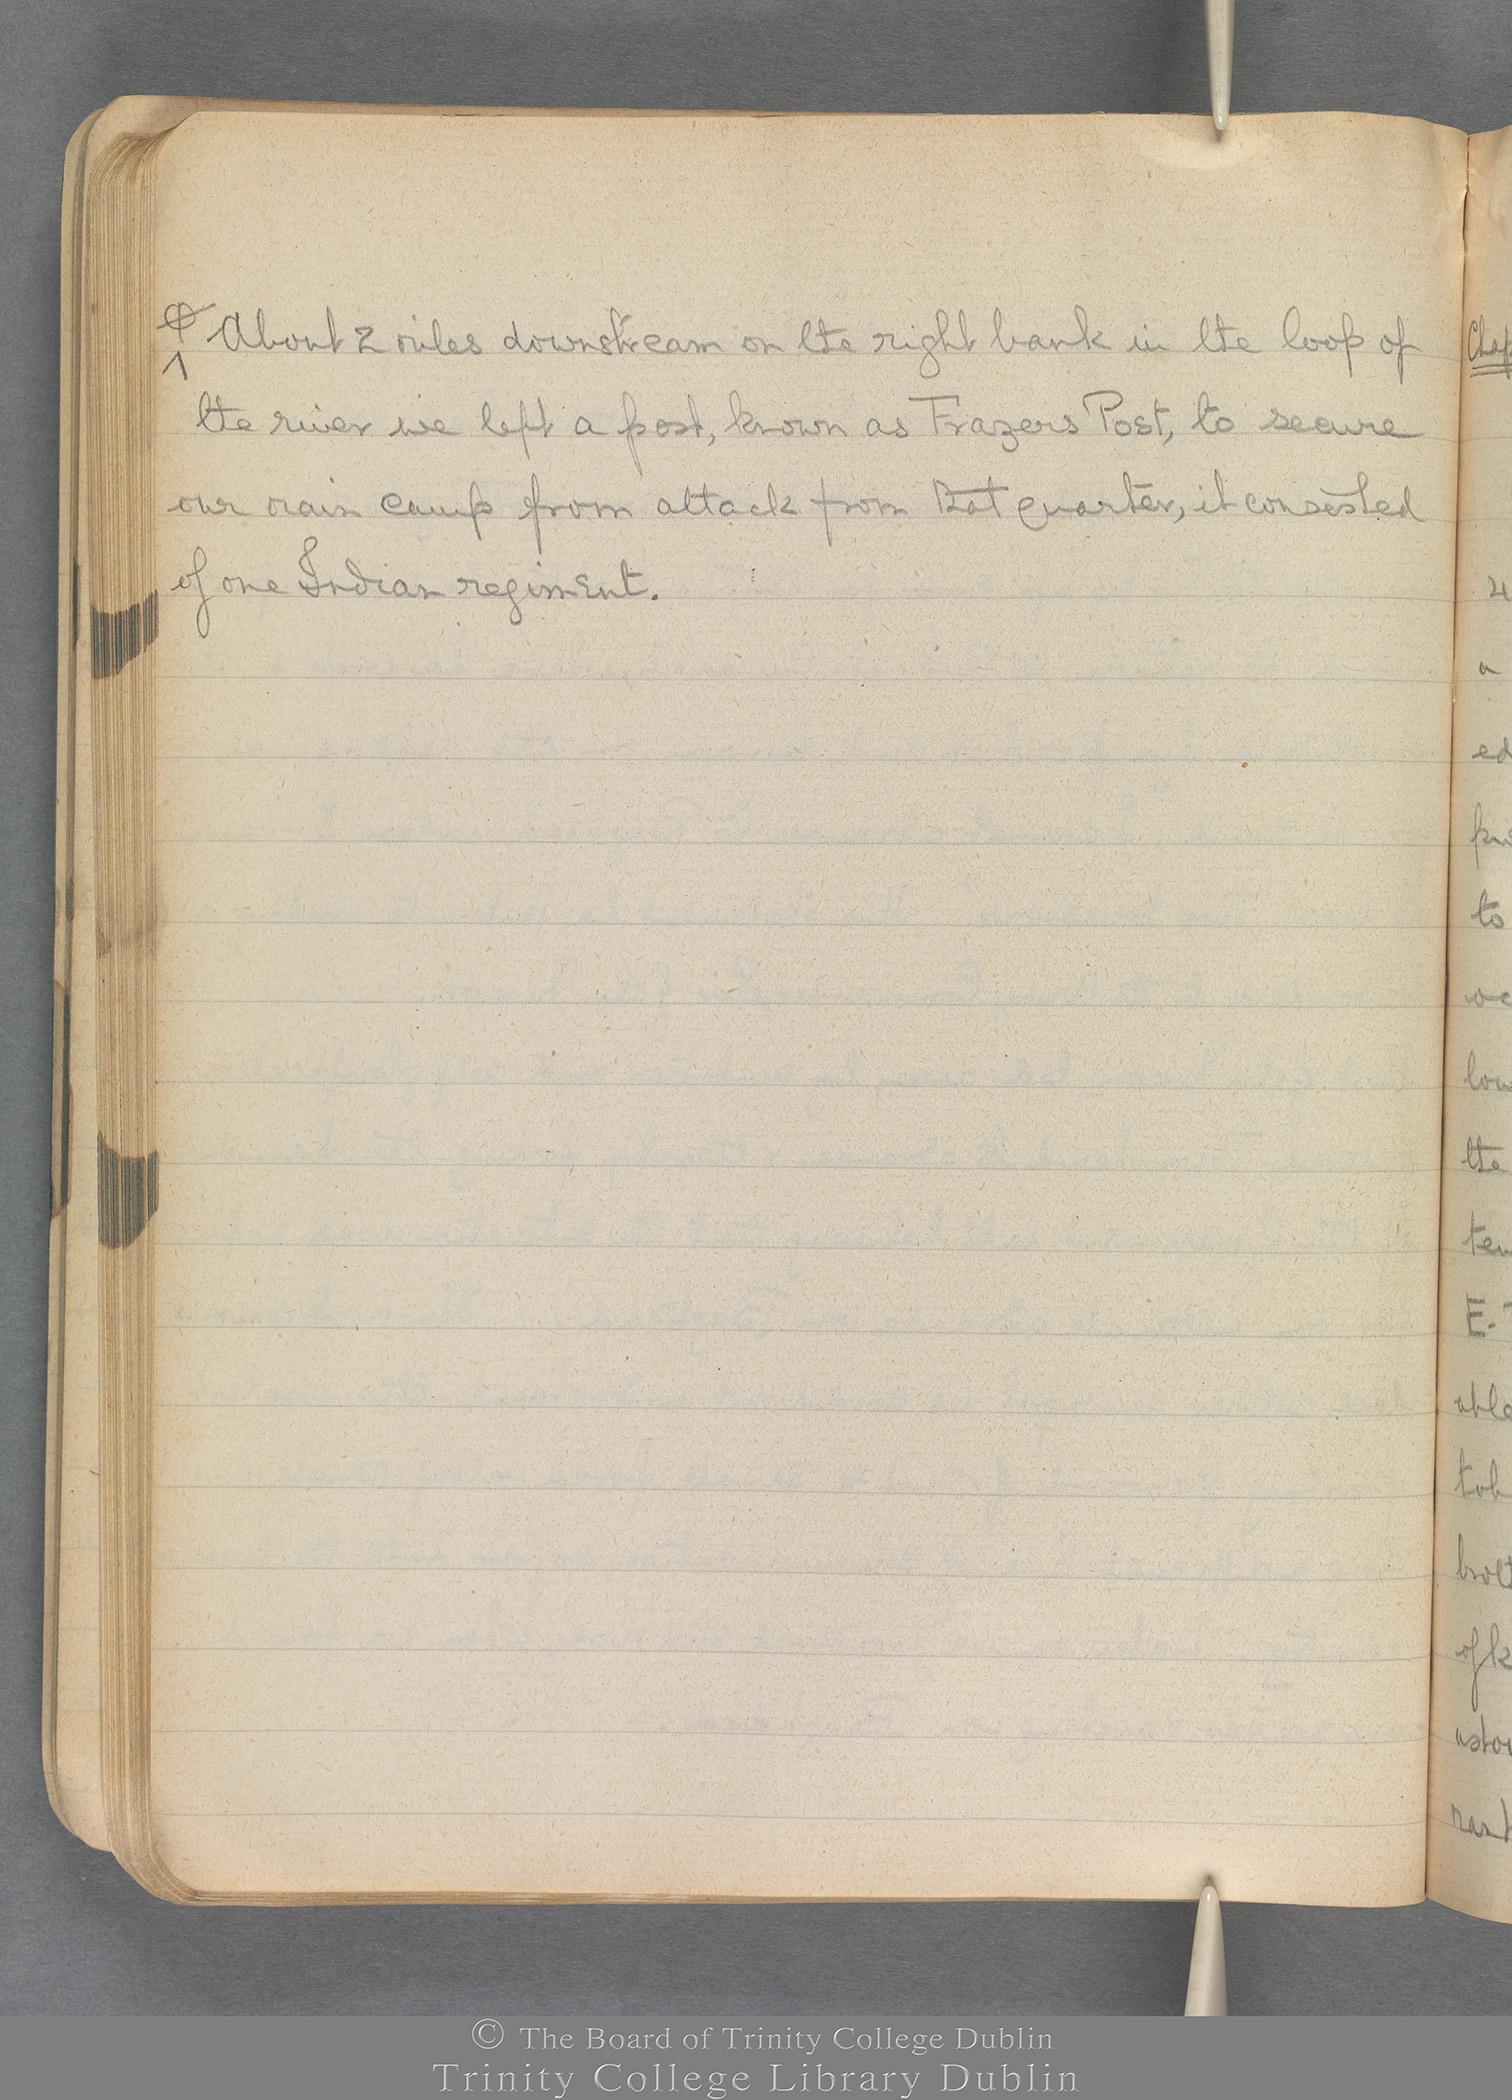 TCD MS 3414 folio 54 verso